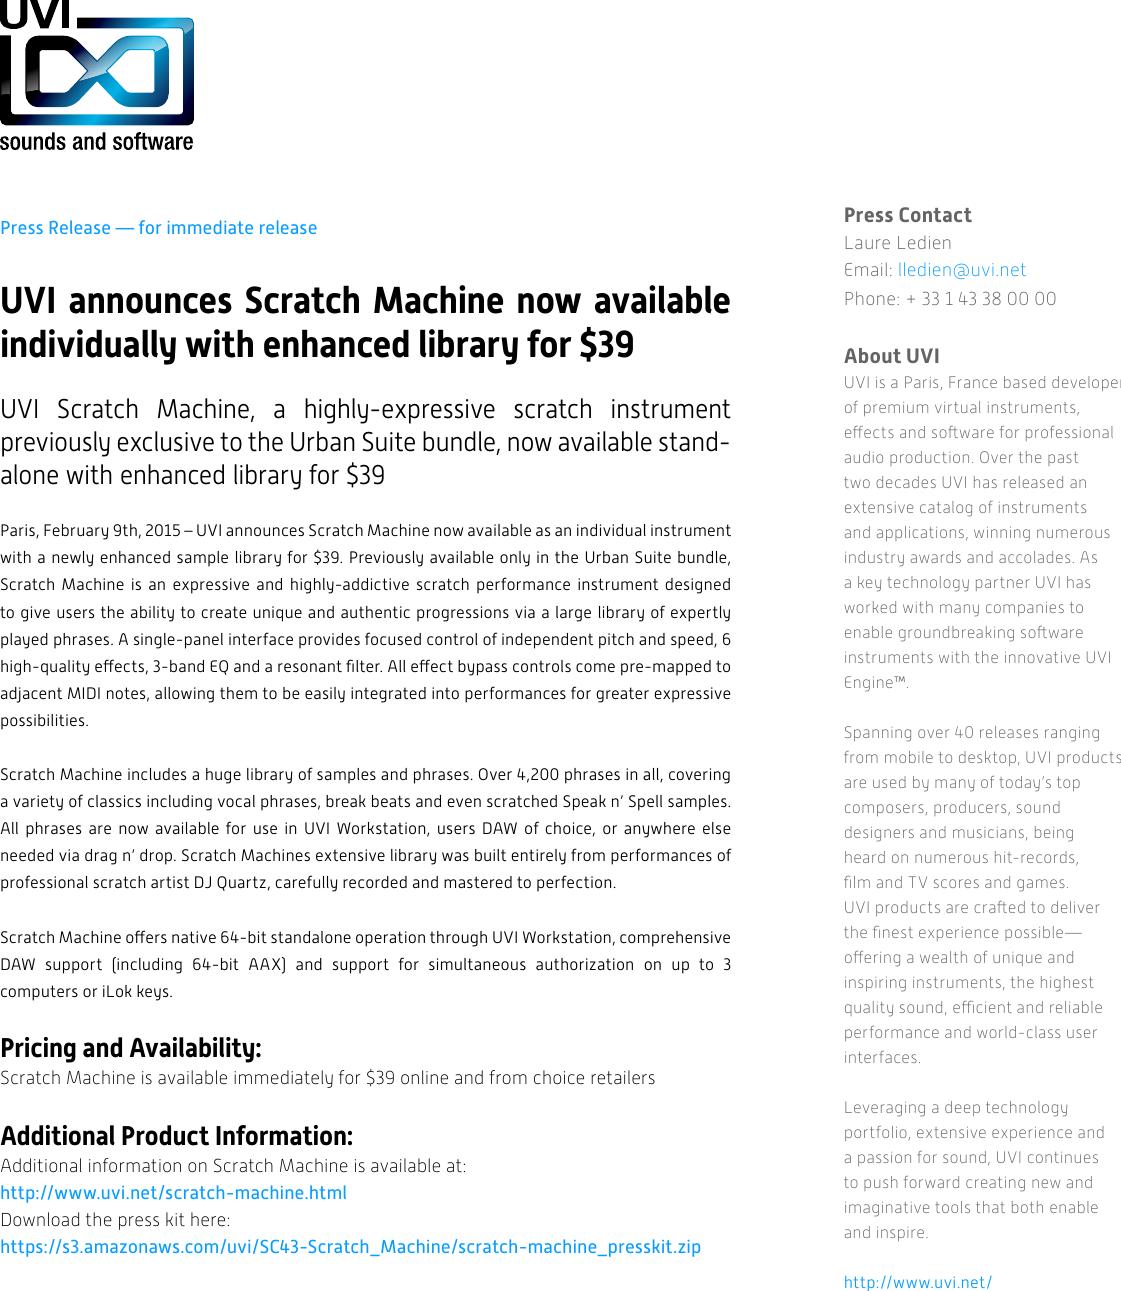 150209 Scratchmachine Pr